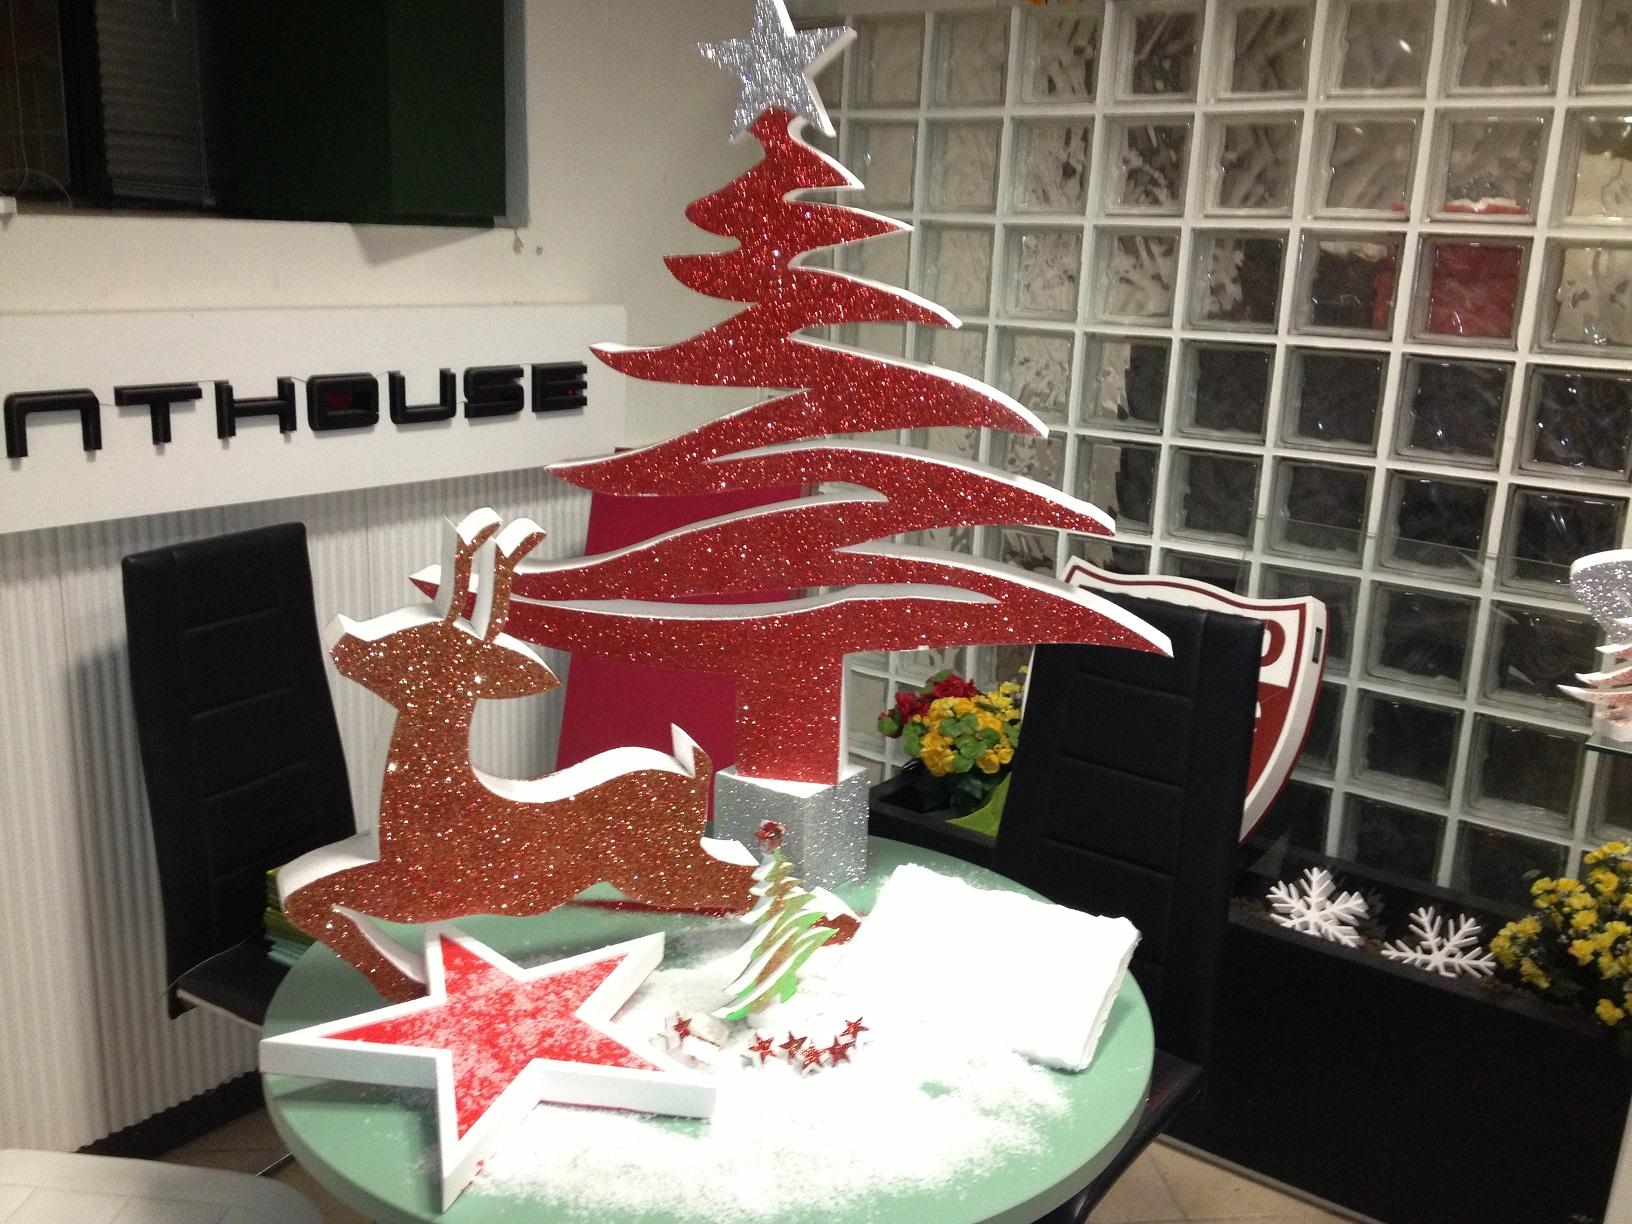 Decorazioni natalizie polistirolo uf26 regardsdefemmes - Decorazioni in polistirolo ...